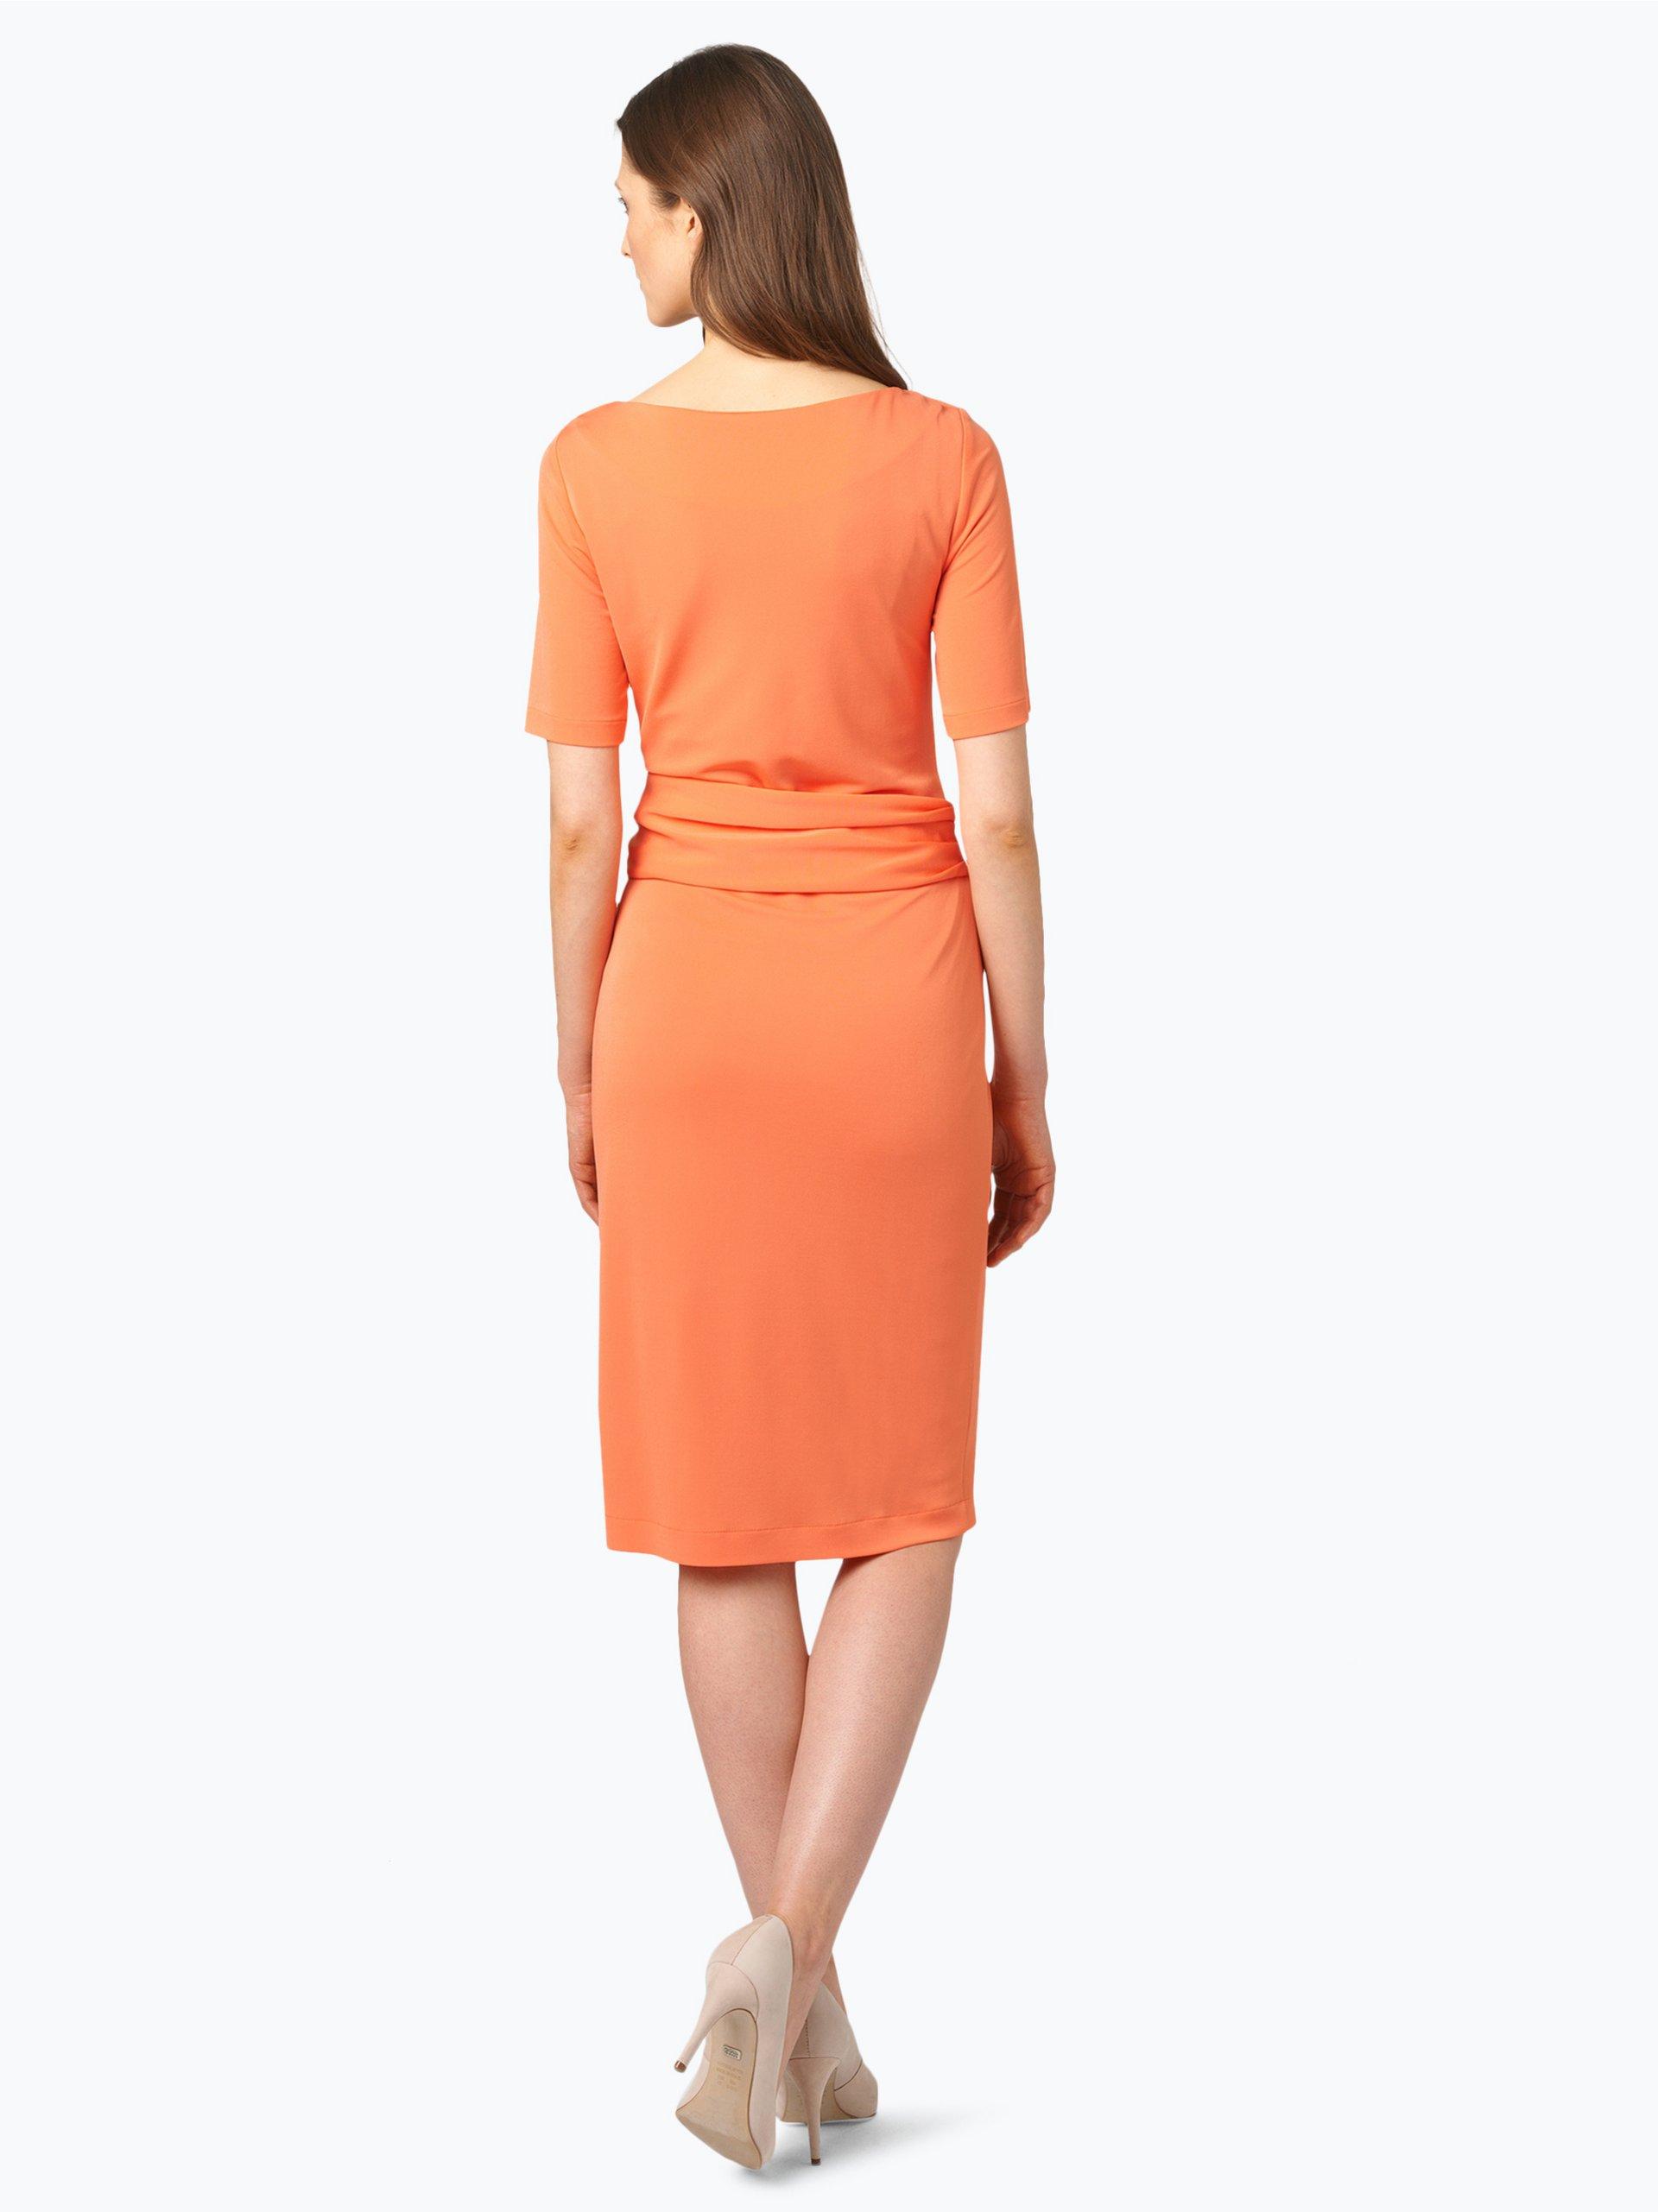 marc cain collections damen kleid orange uni online kaufen vangraaf com. Black Bedroom Furniture Sets. Home Design Ideas